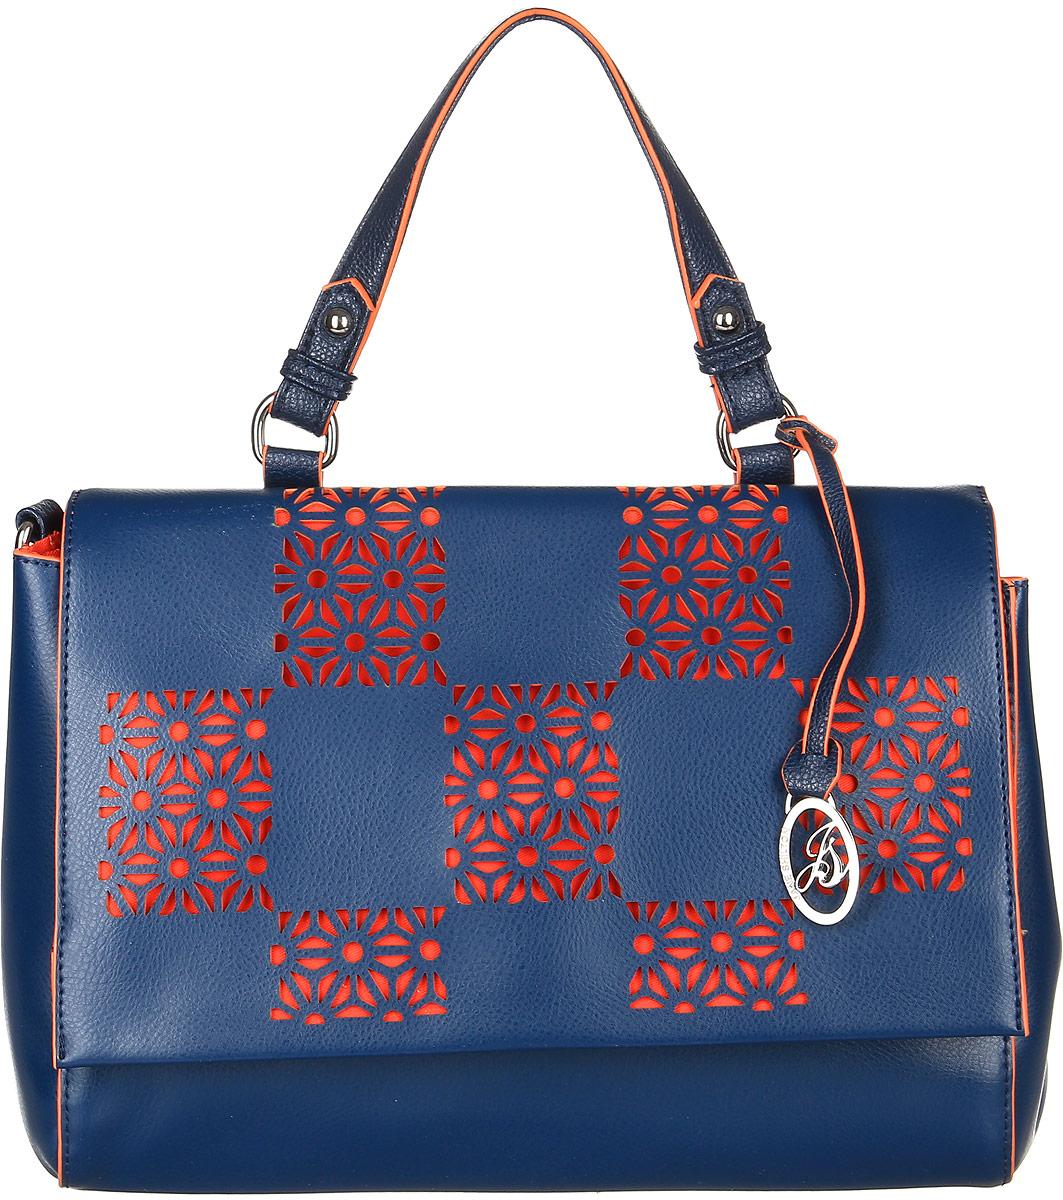 Сумка женская Jane Shilton, цвет: темно-синий. 2314EQW-M710DB-1A1Стильная сумка на одной ручке и съемном ремне. Застегивается клапаном на магните. Внутри разделитель, кармашек на молнии и карман для мобильного телефона. Сзади прорезной карман на молнии.